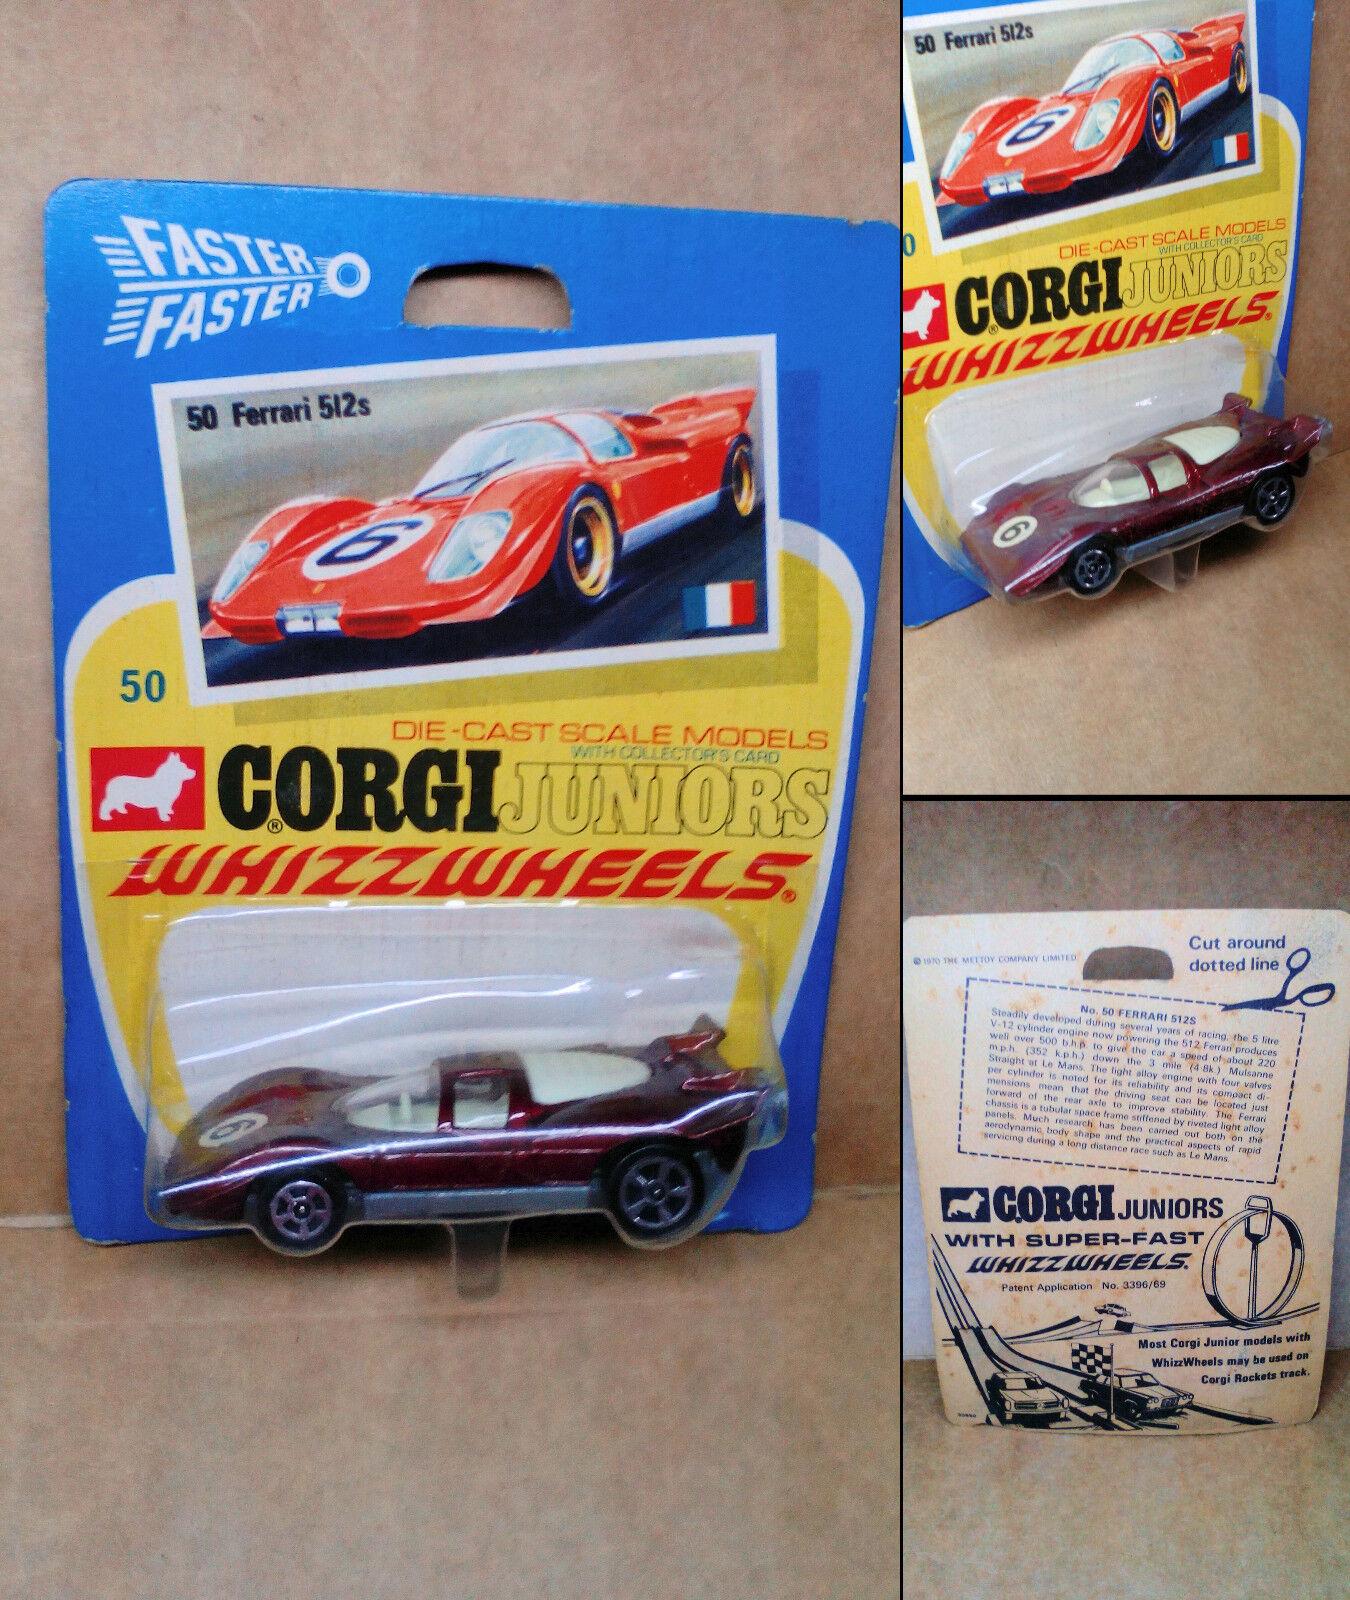 Todo en alta calidad y bajo precio. Vintage 1 1 1 (tres) Corgi Juniors Whizzwheels-NO.50  Ferrari 512s  - menta en tarjeta  grandes ahorros